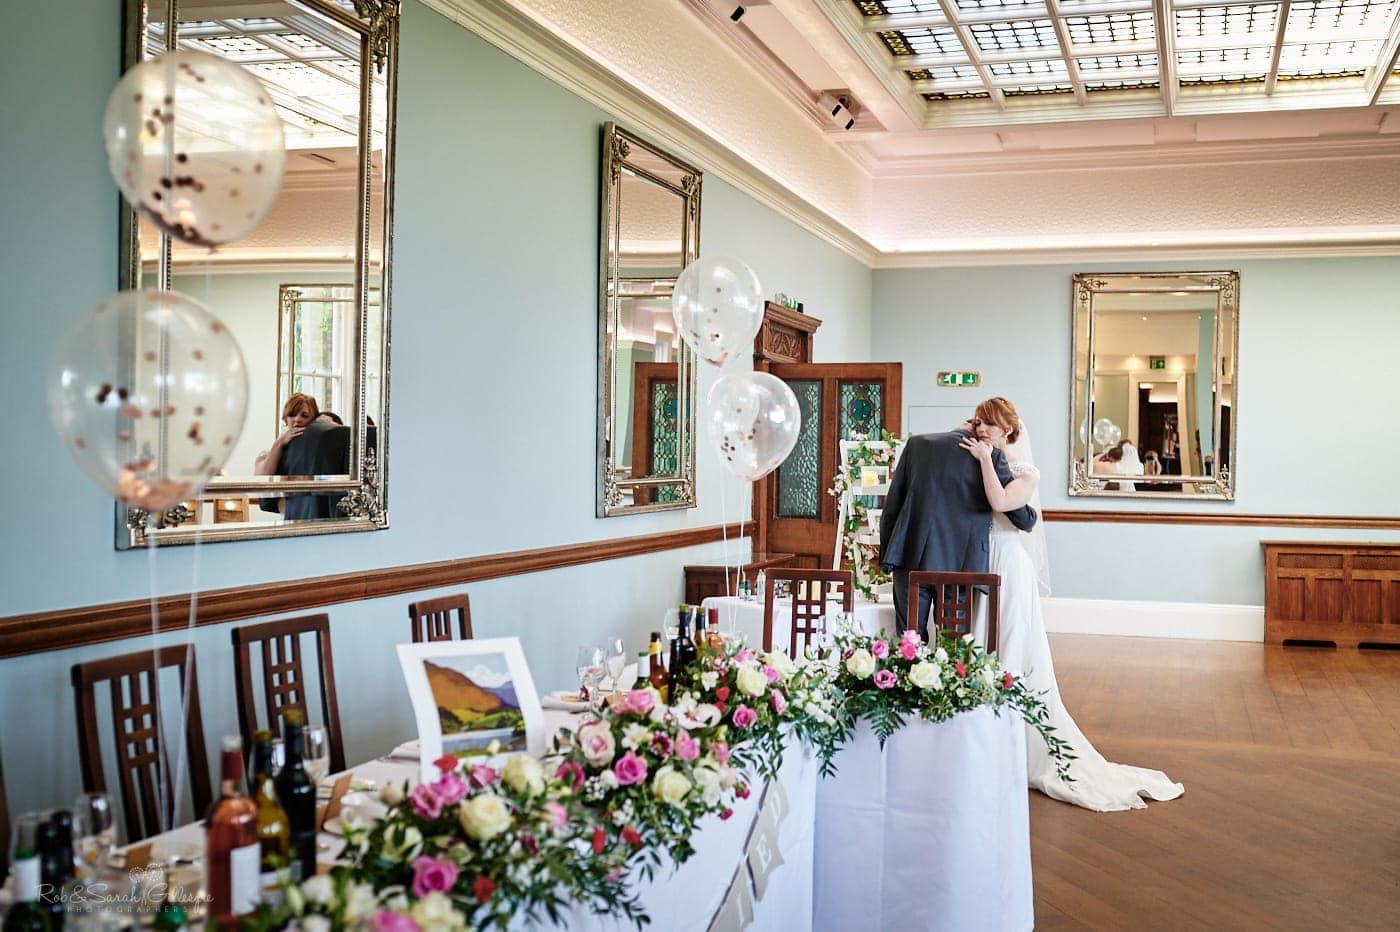 Bride hugs groom in ballroom at Pendrell Hall